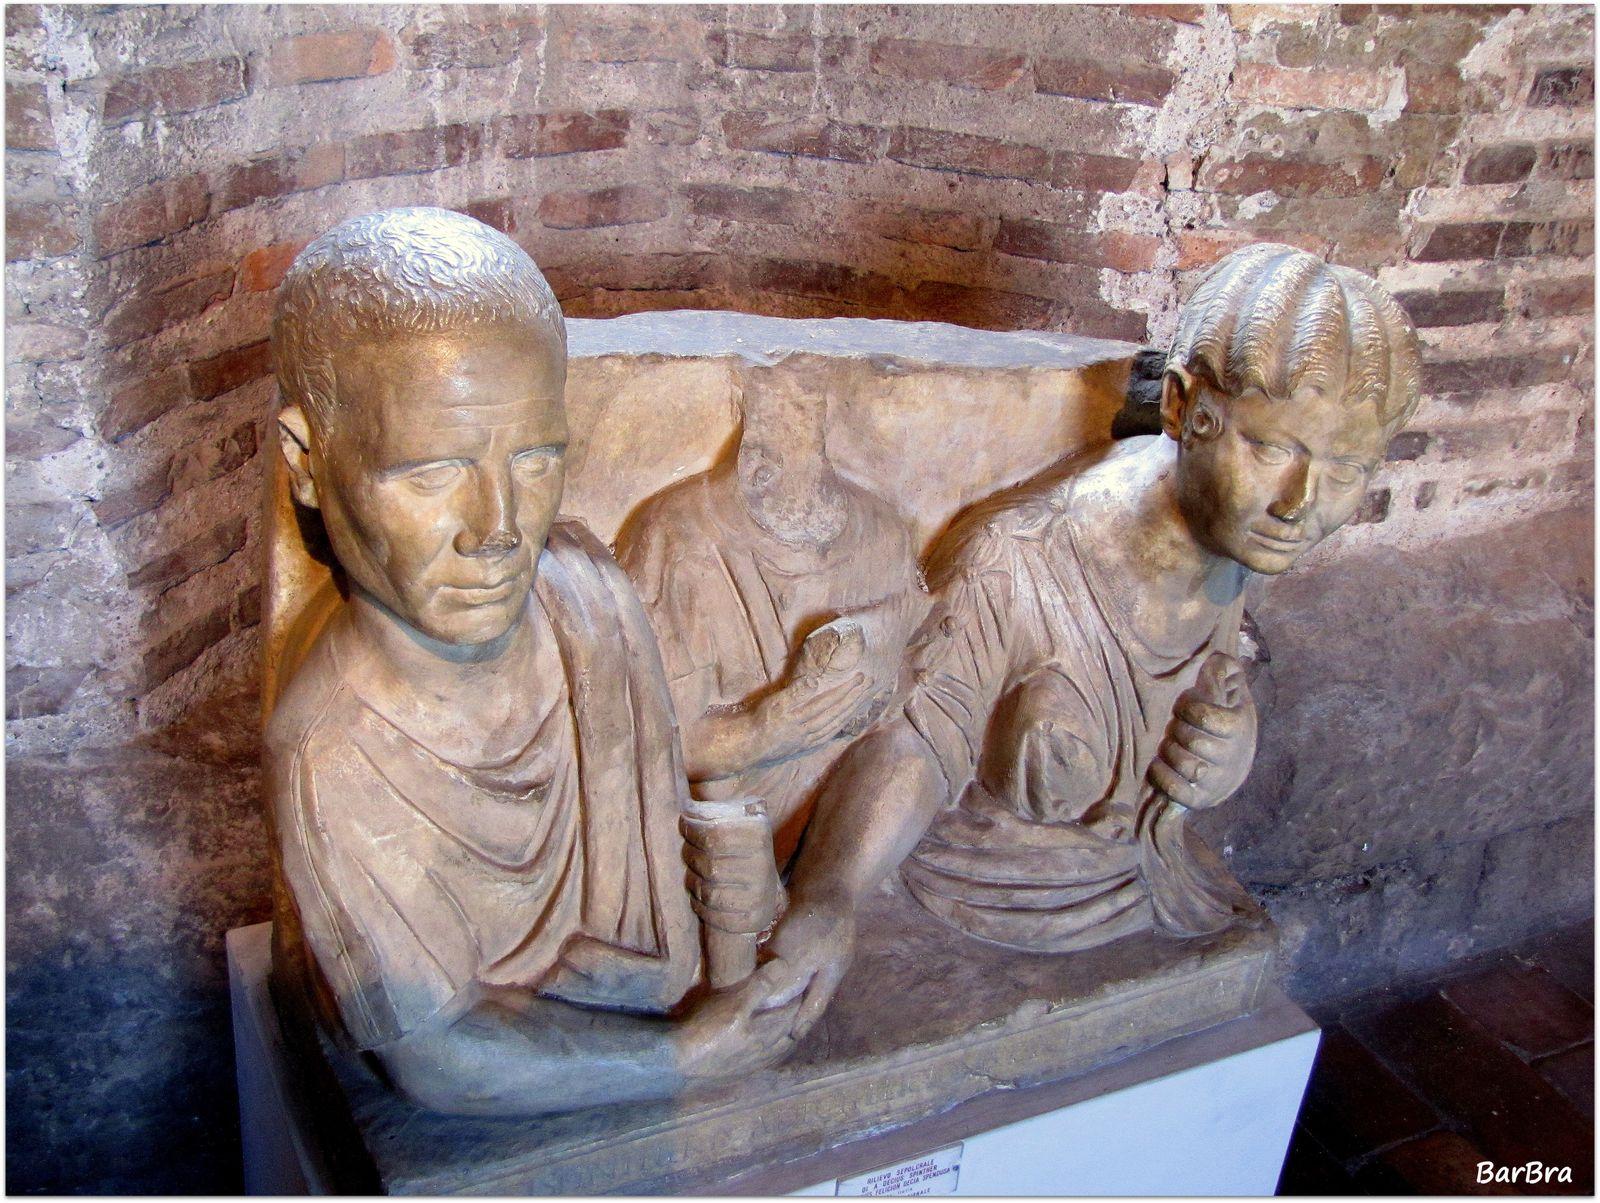 o steli sepolcrali come questa  che ritrae due appartenenti alla Gens Decia ... l'originale d'età Flavia si trova presso il Museo Nazionale di Palazzo Massimo alle Terme